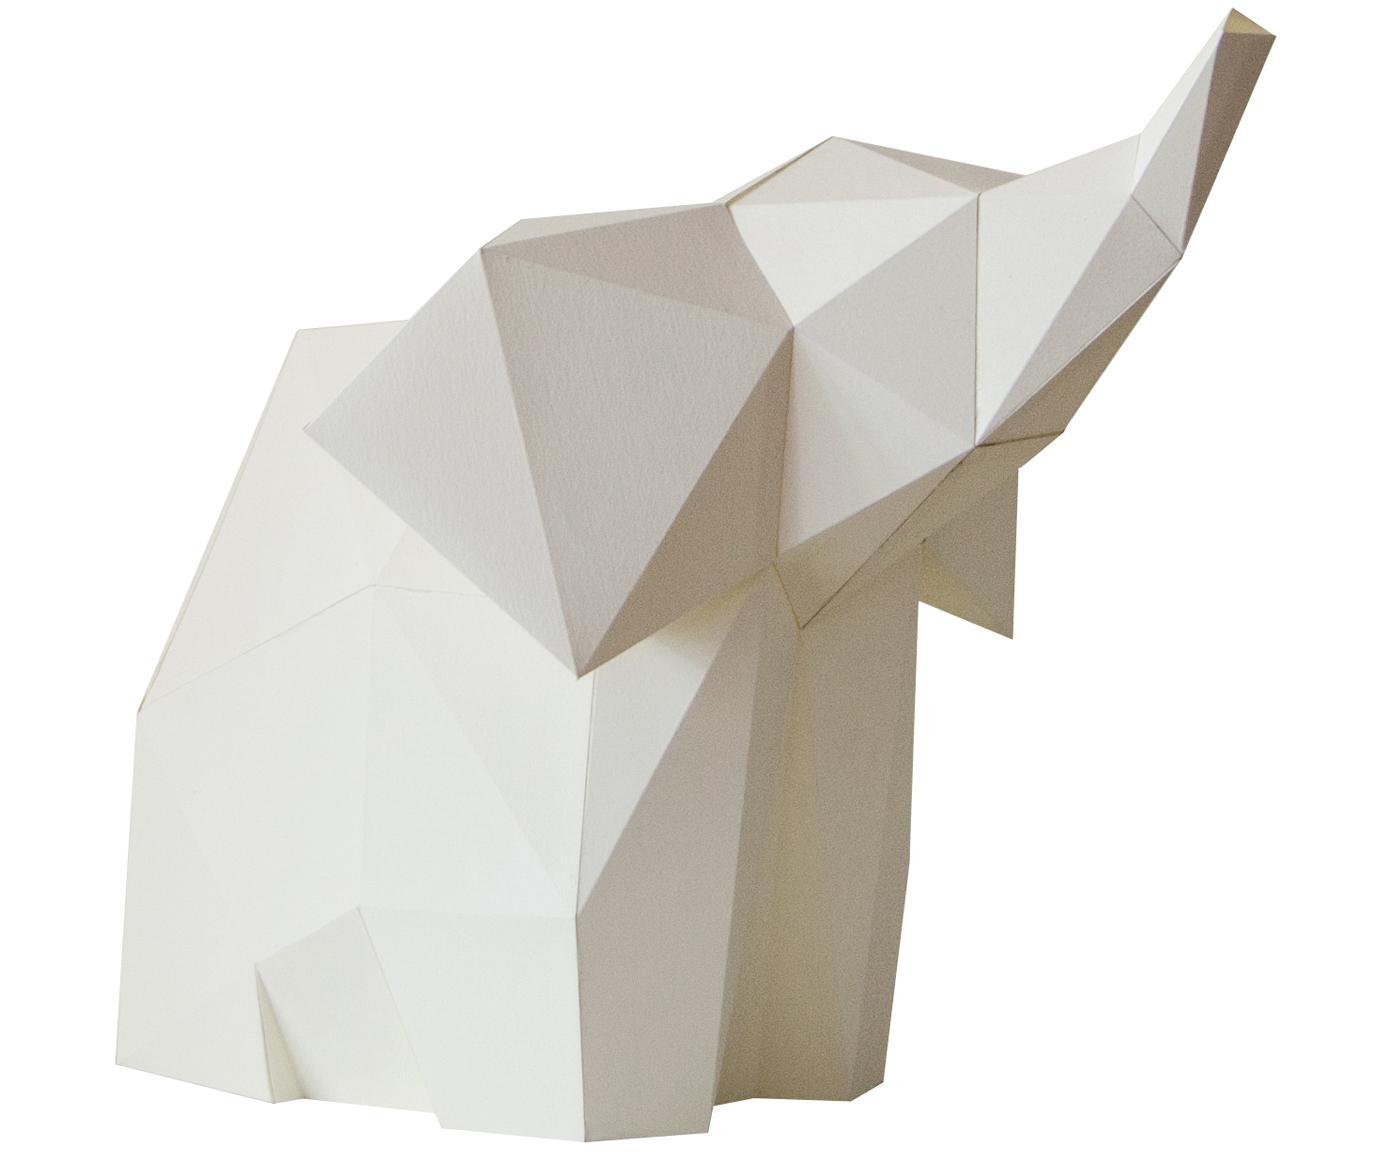 Tafellamp Baby Elephant, bouwpakket van papier, Lampenkap: papier, 160 g/m², Voetstuk: MDF, kunststof, Wit, 23 x 24 cm